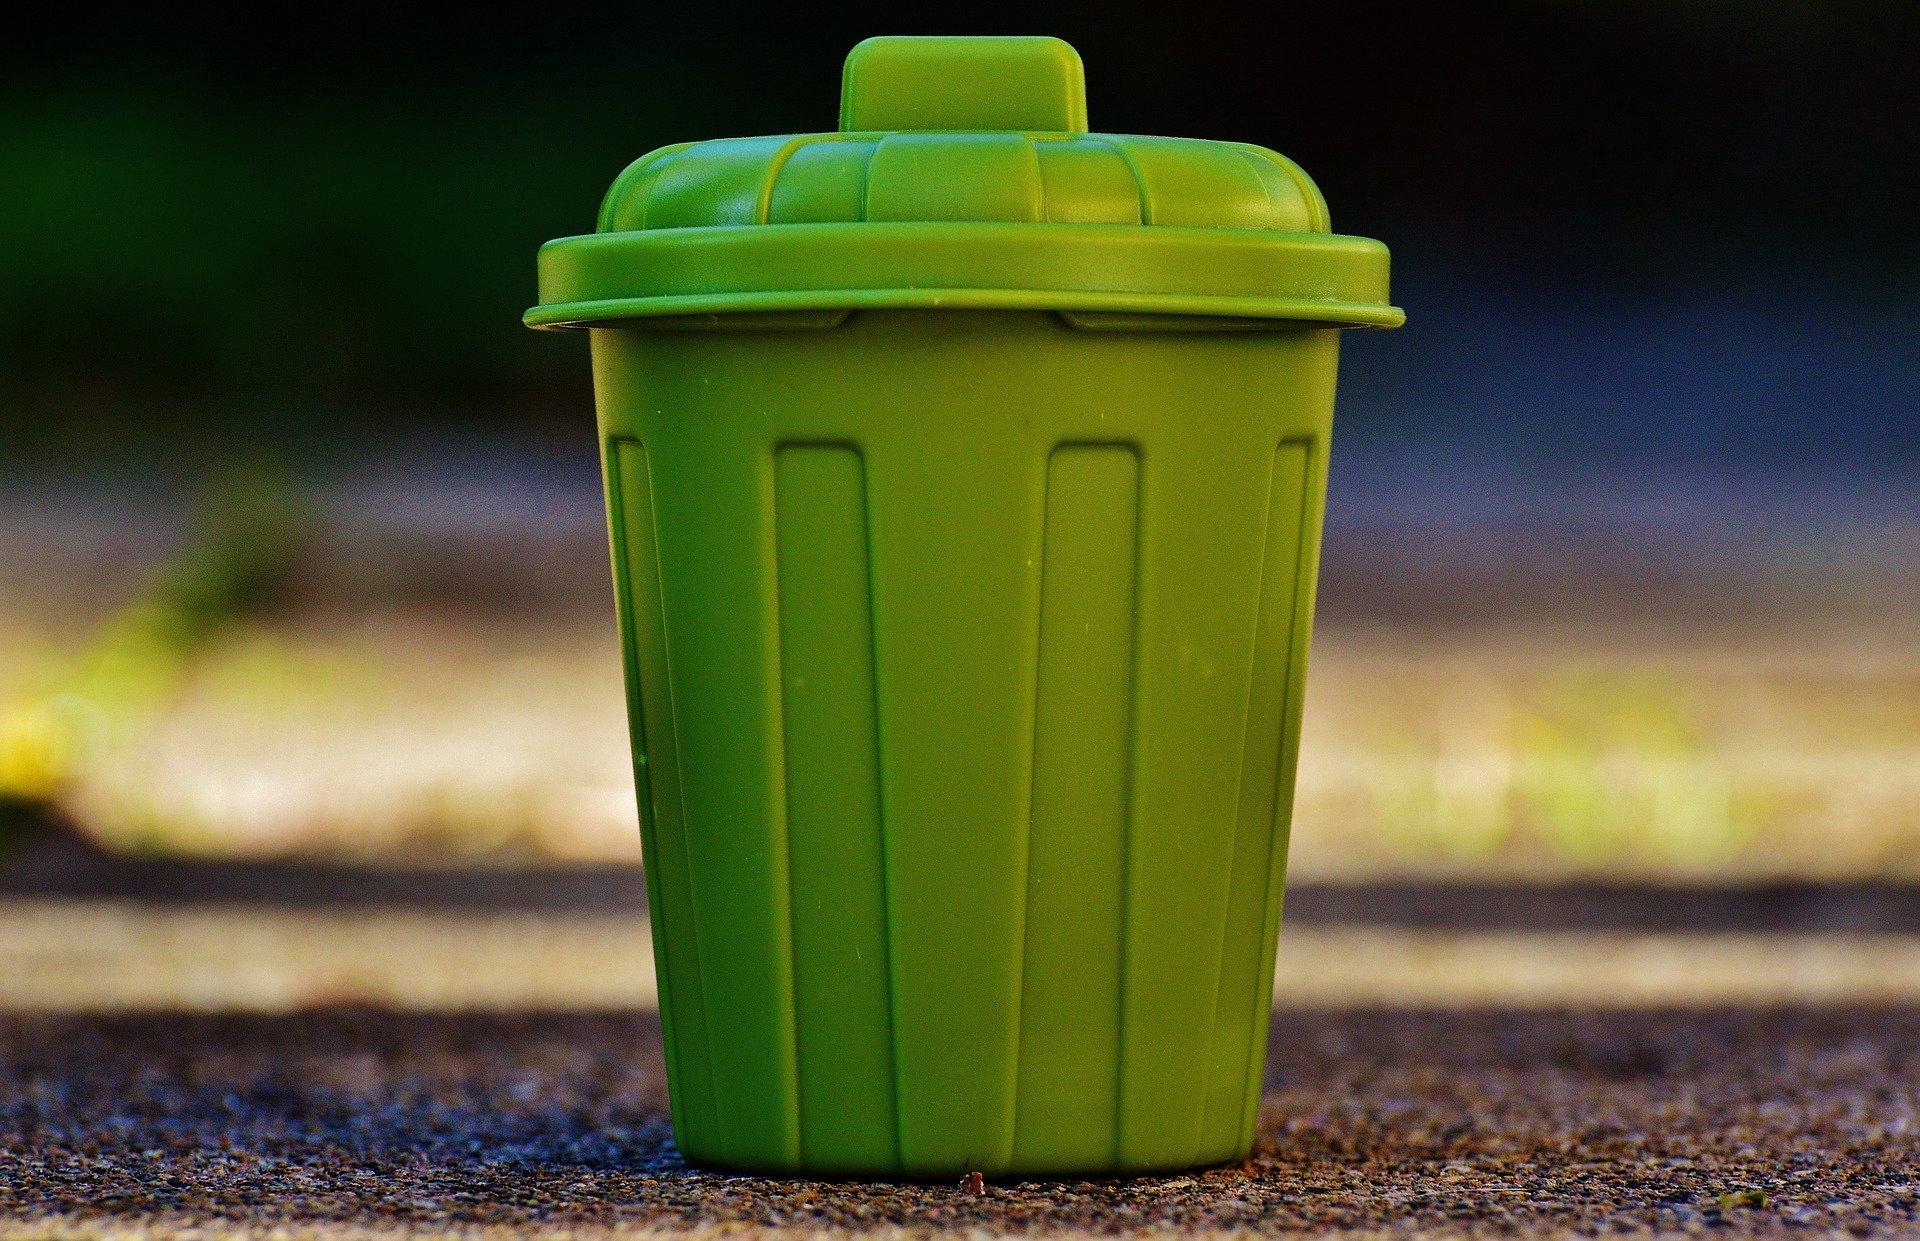 ベランダ用ゴミ箱のおすすめ特集!臭いや虫の対策についてもチェック!